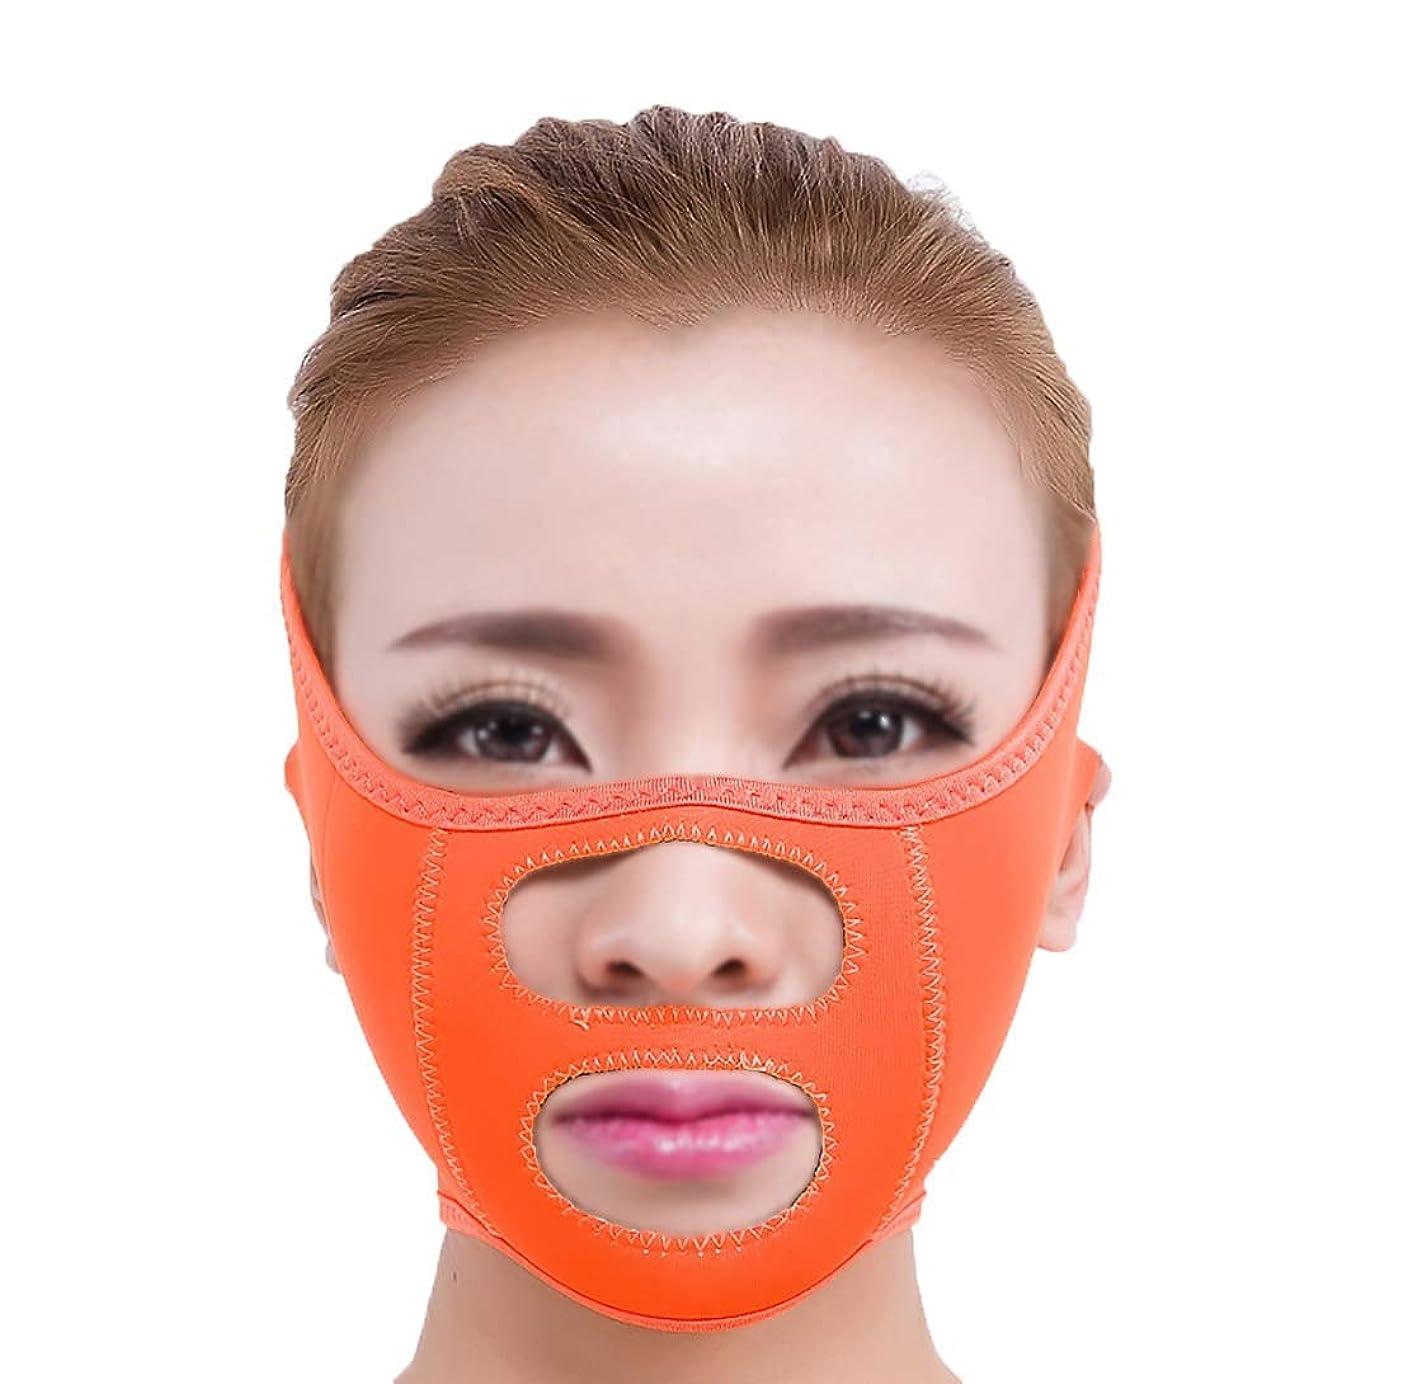 同志平方分岐するスモールフェイスツールVフェイス包帯フェイシャルリフティングフェイシャルマッサージャー美容通気性マスクVフェイスマスク睡眠薄い顔でオレンジ